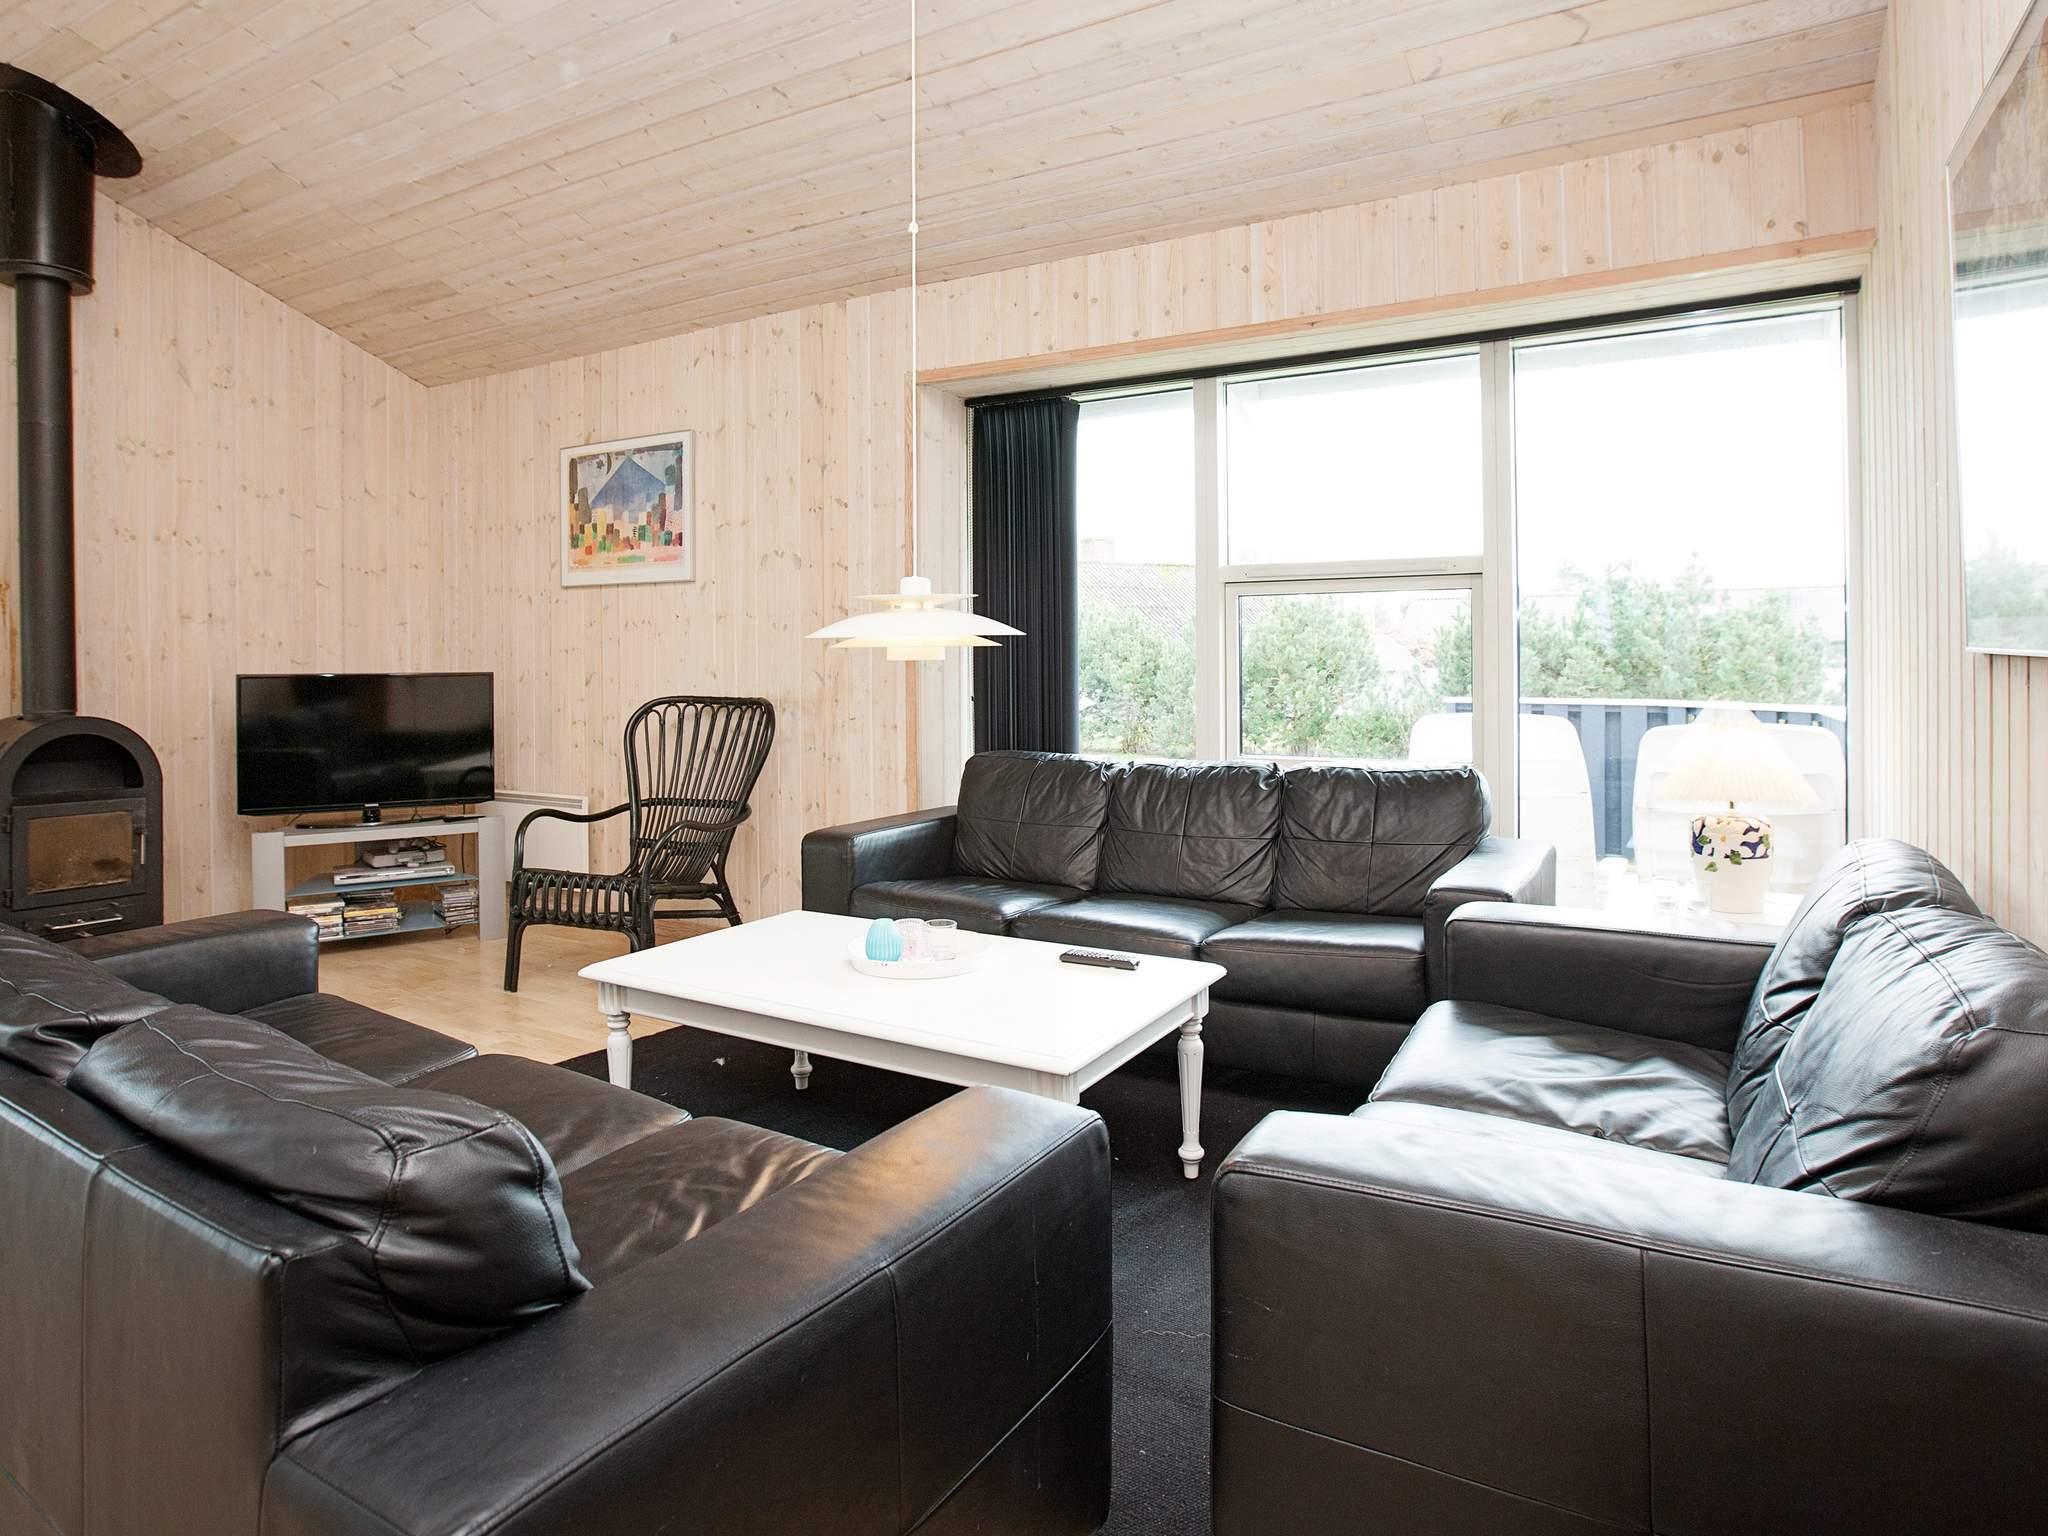 Ferienhaus Marielyst (82830), Marielyst, , Falster, Dänemark, Bild 8